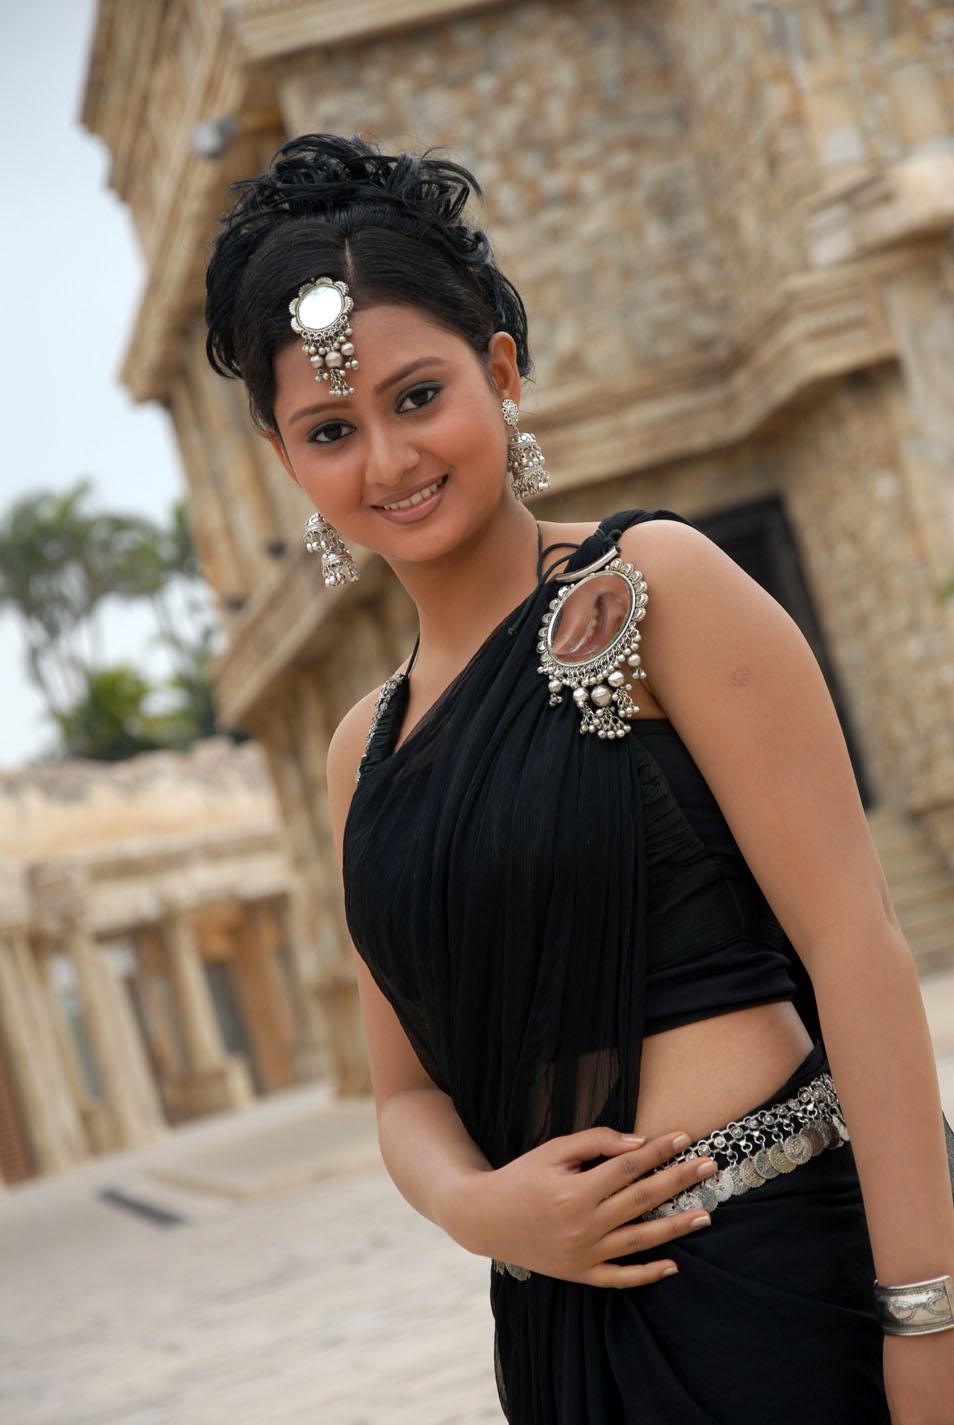 Amoolya public photos